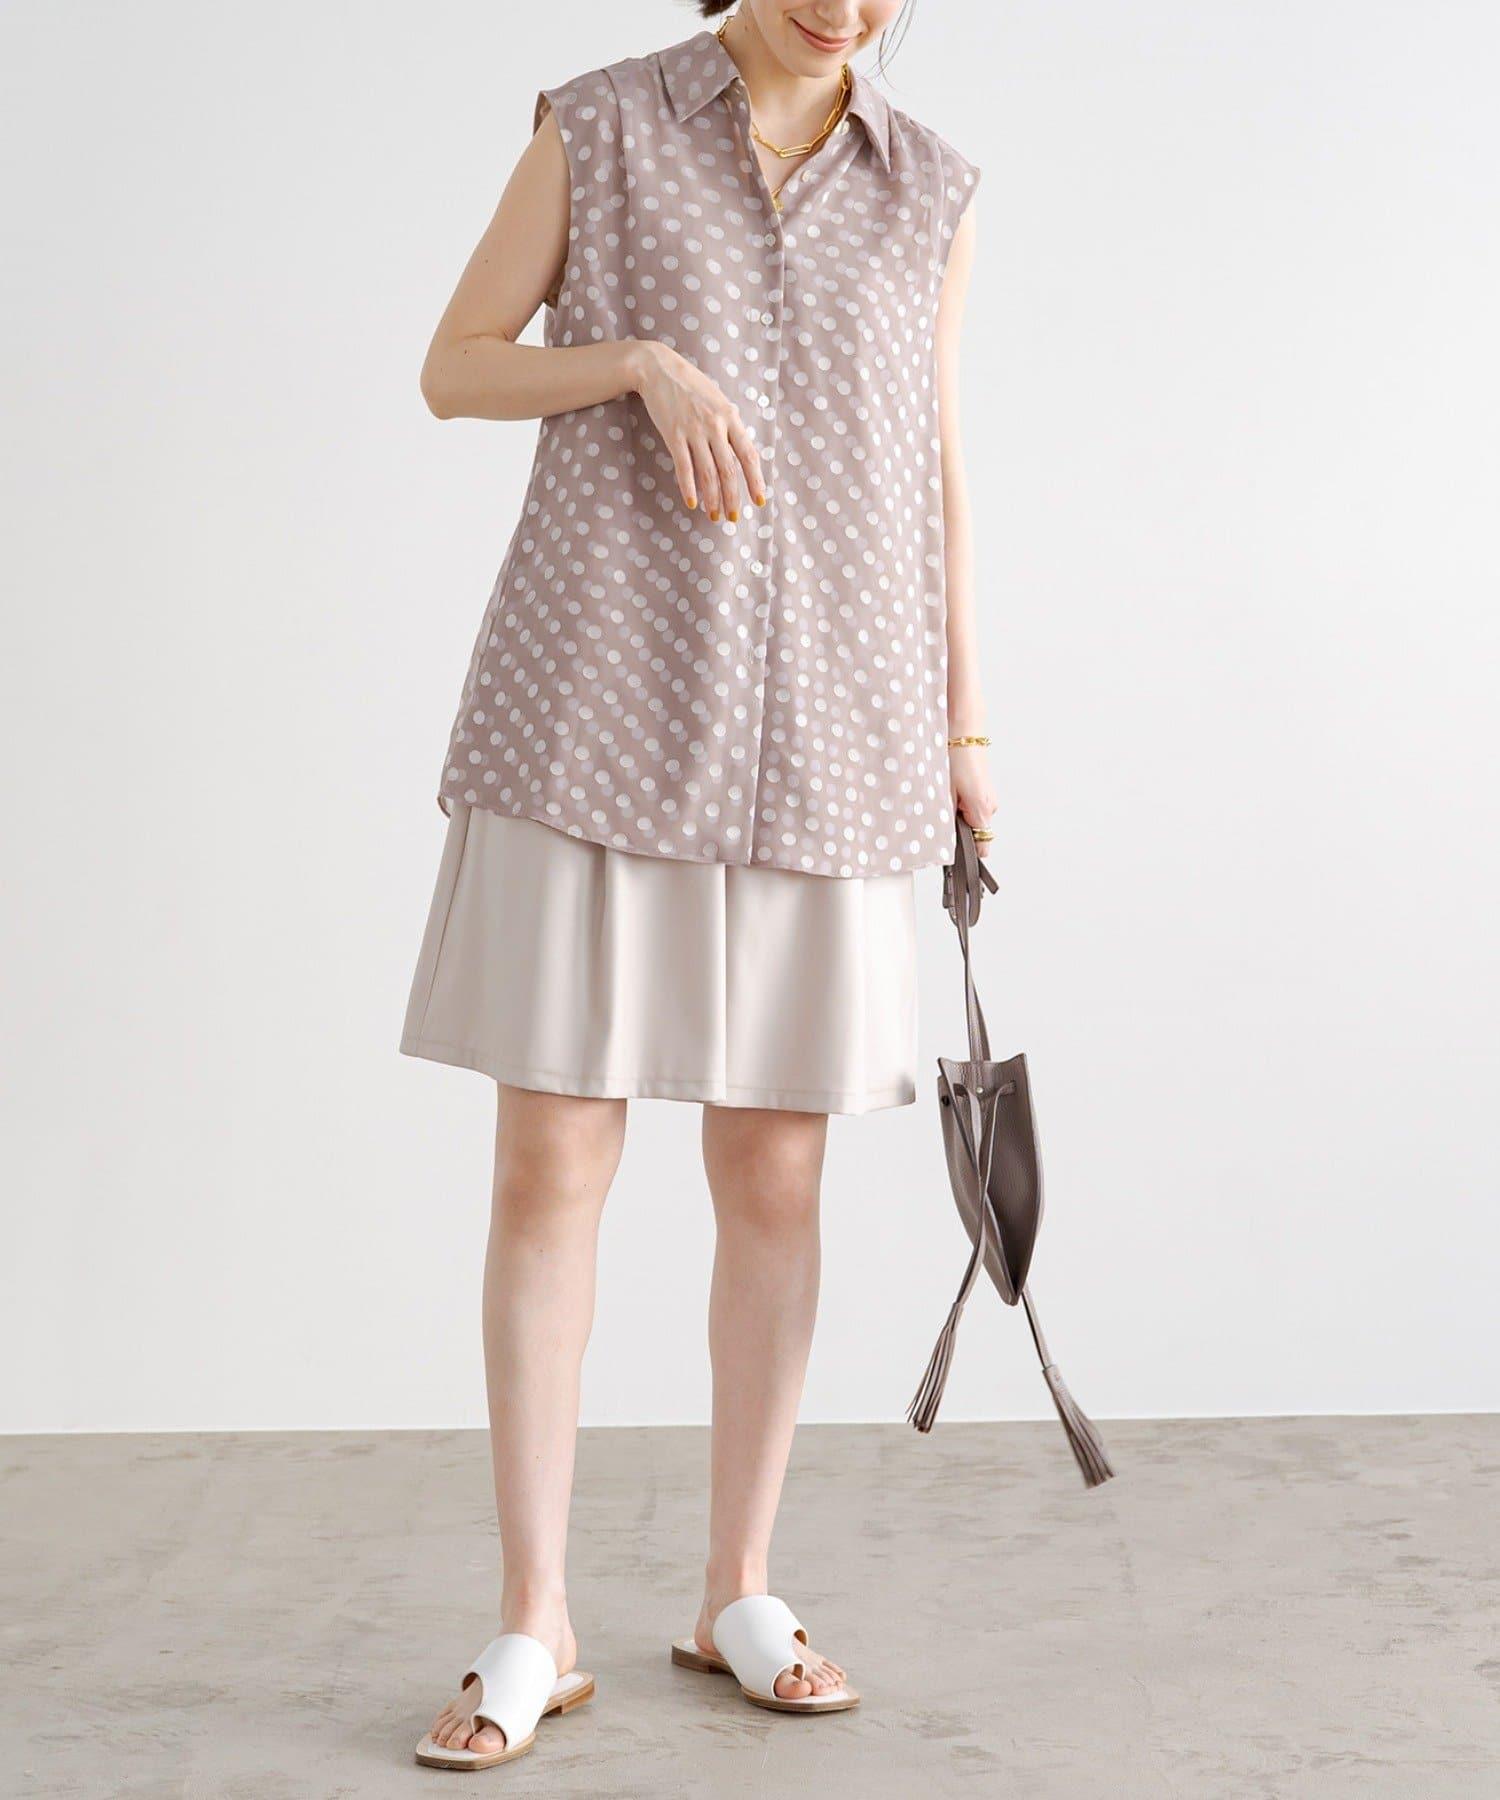 Loungedress(ラウンジドレス) チンツショートパンツ